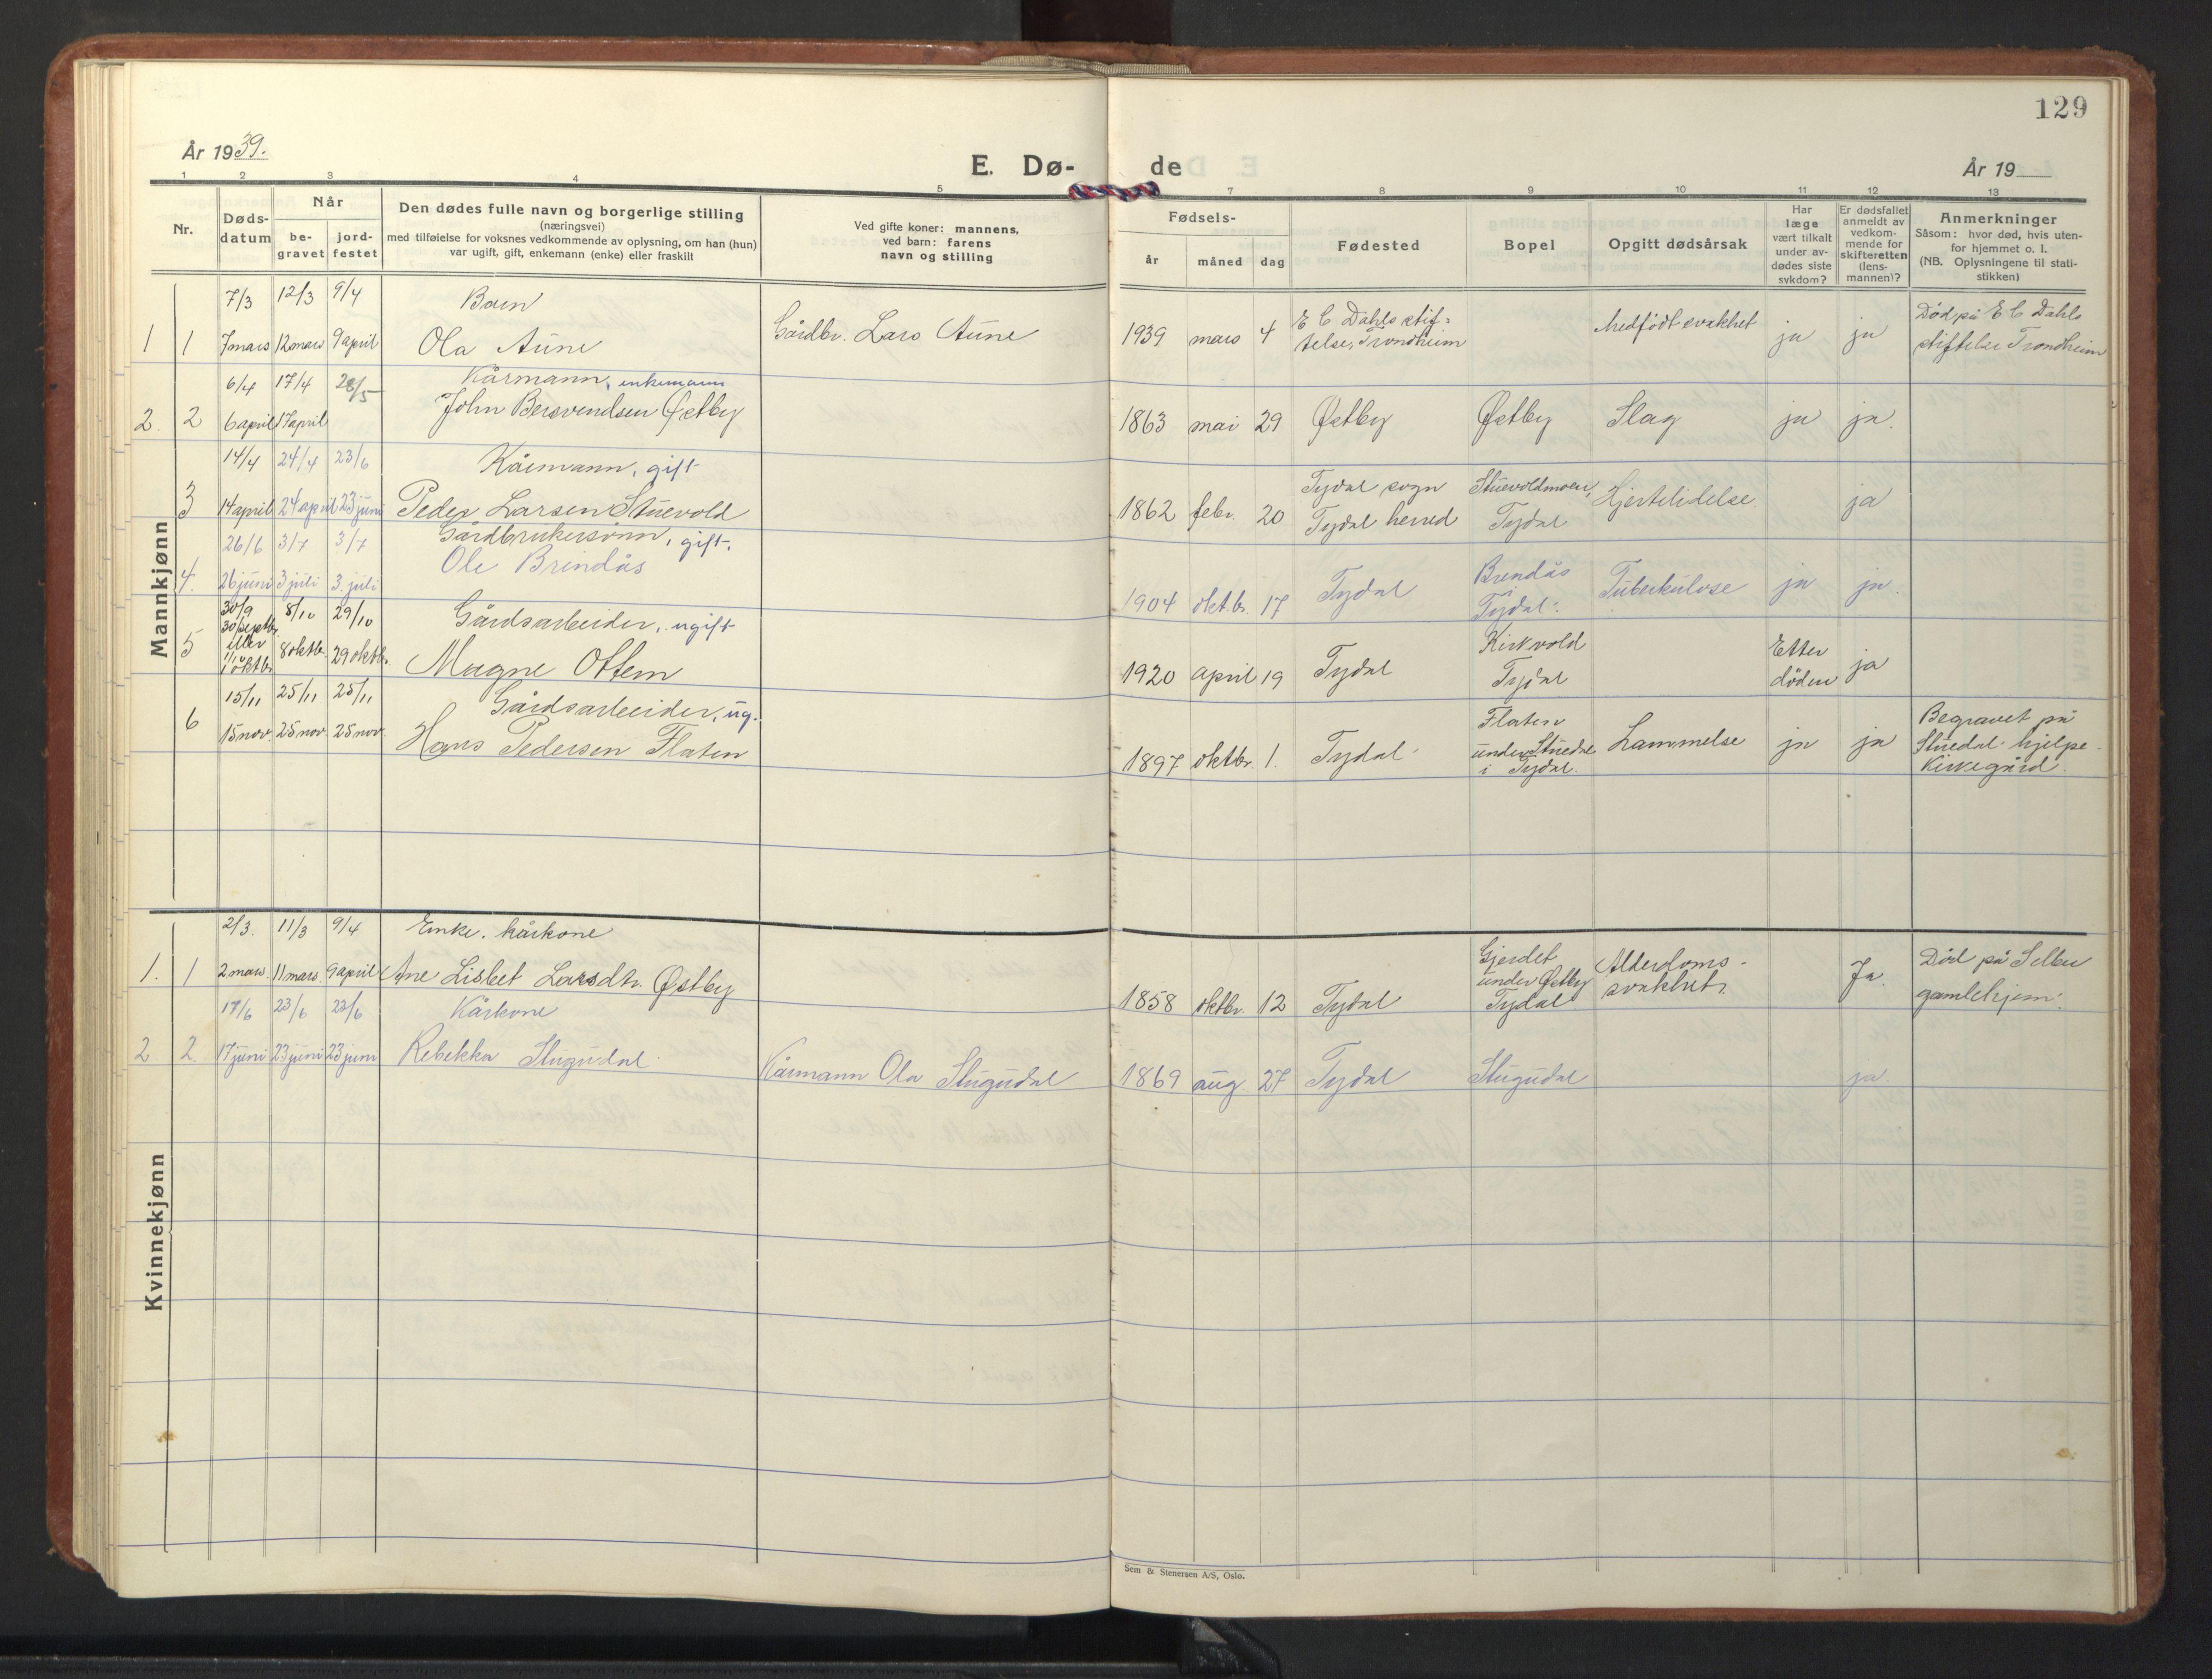 SAT, Ministerialprotokoller, klokkerbøker og fødselsregistre - Sør-Trøndelag, 698/L1169: Klokkerbok nr. 698C06, 1930-1949, s. 129